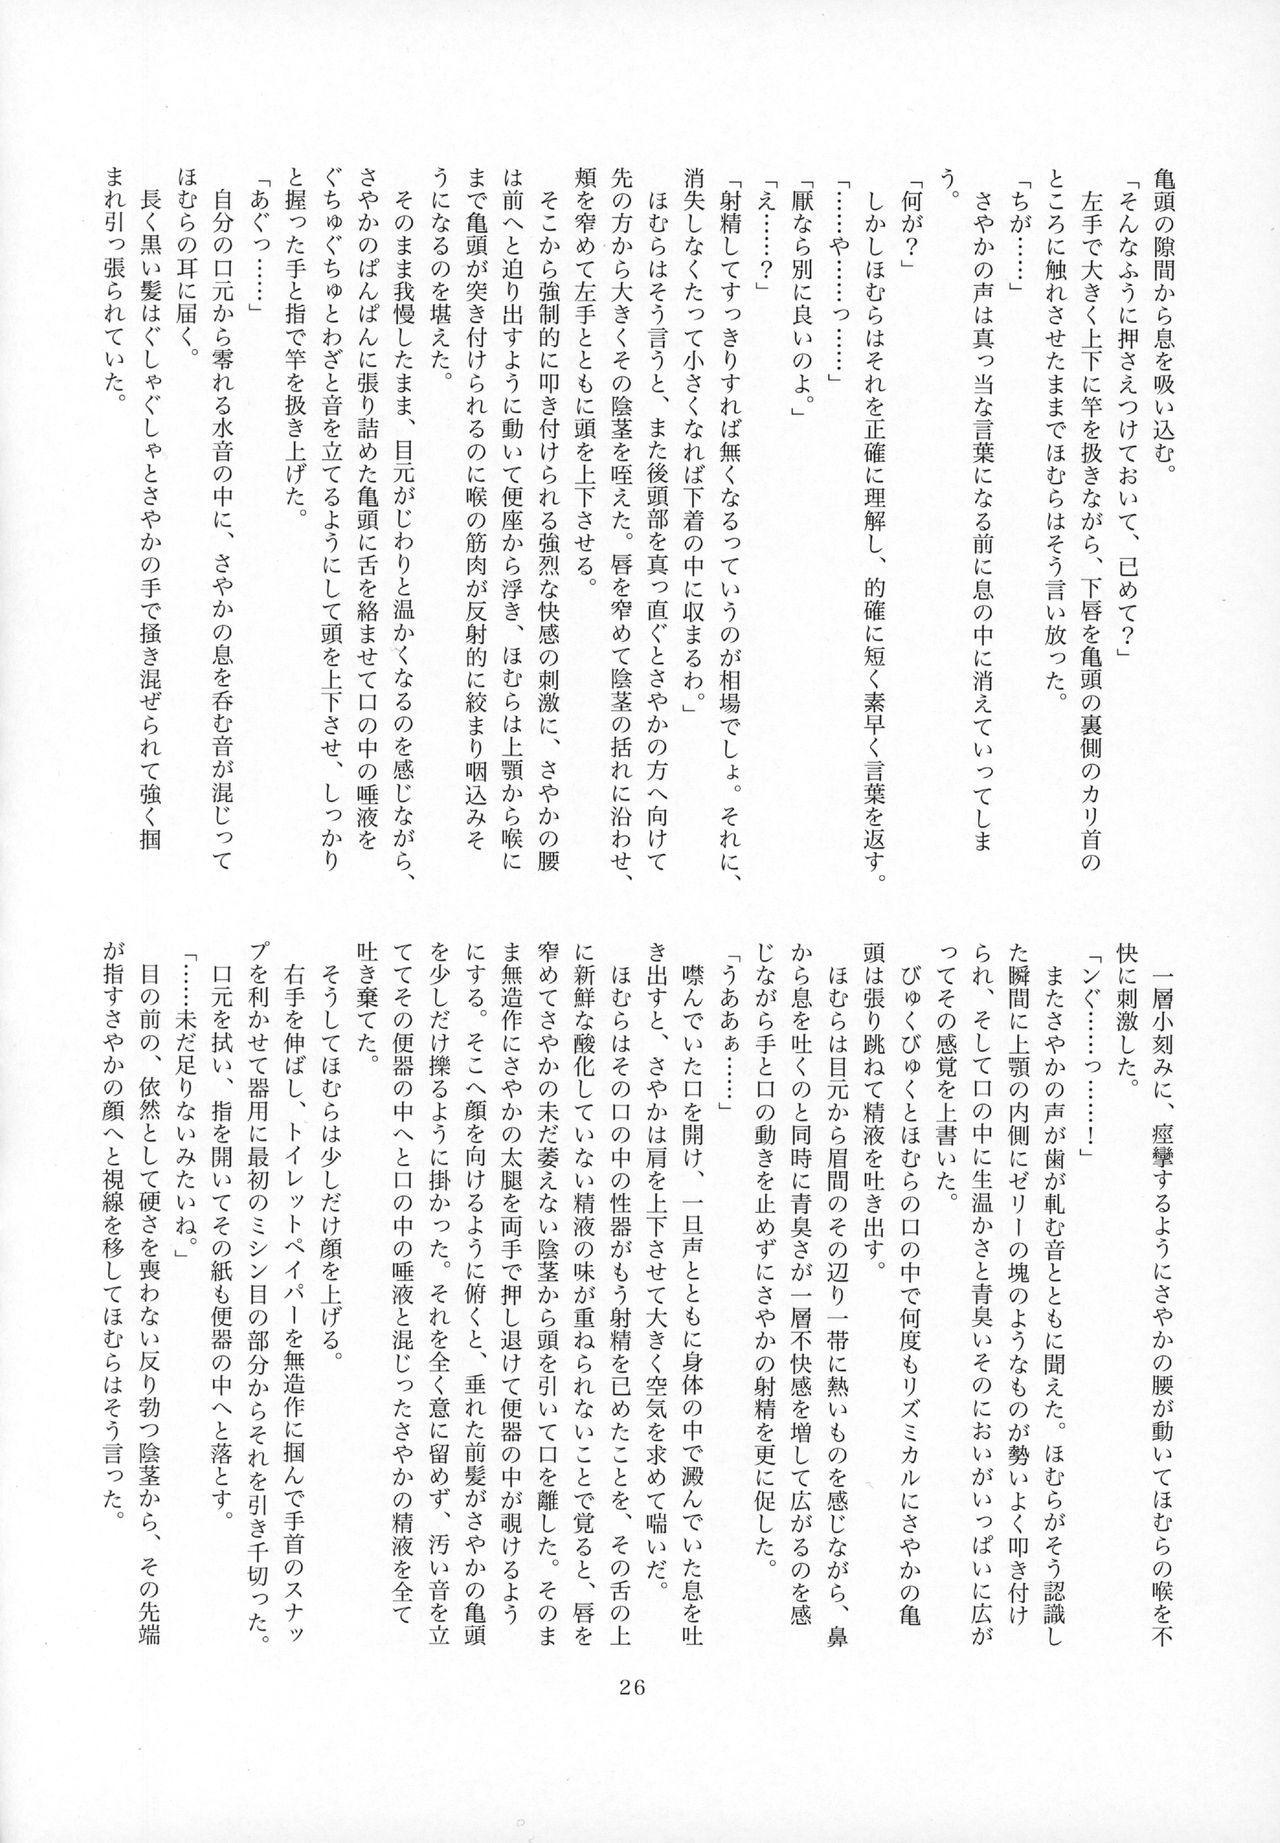 Futanari Chinko ni Onayami no Aru Mahou Shoujo Goudoushi Sono Emono, Mondai Ari desu 24